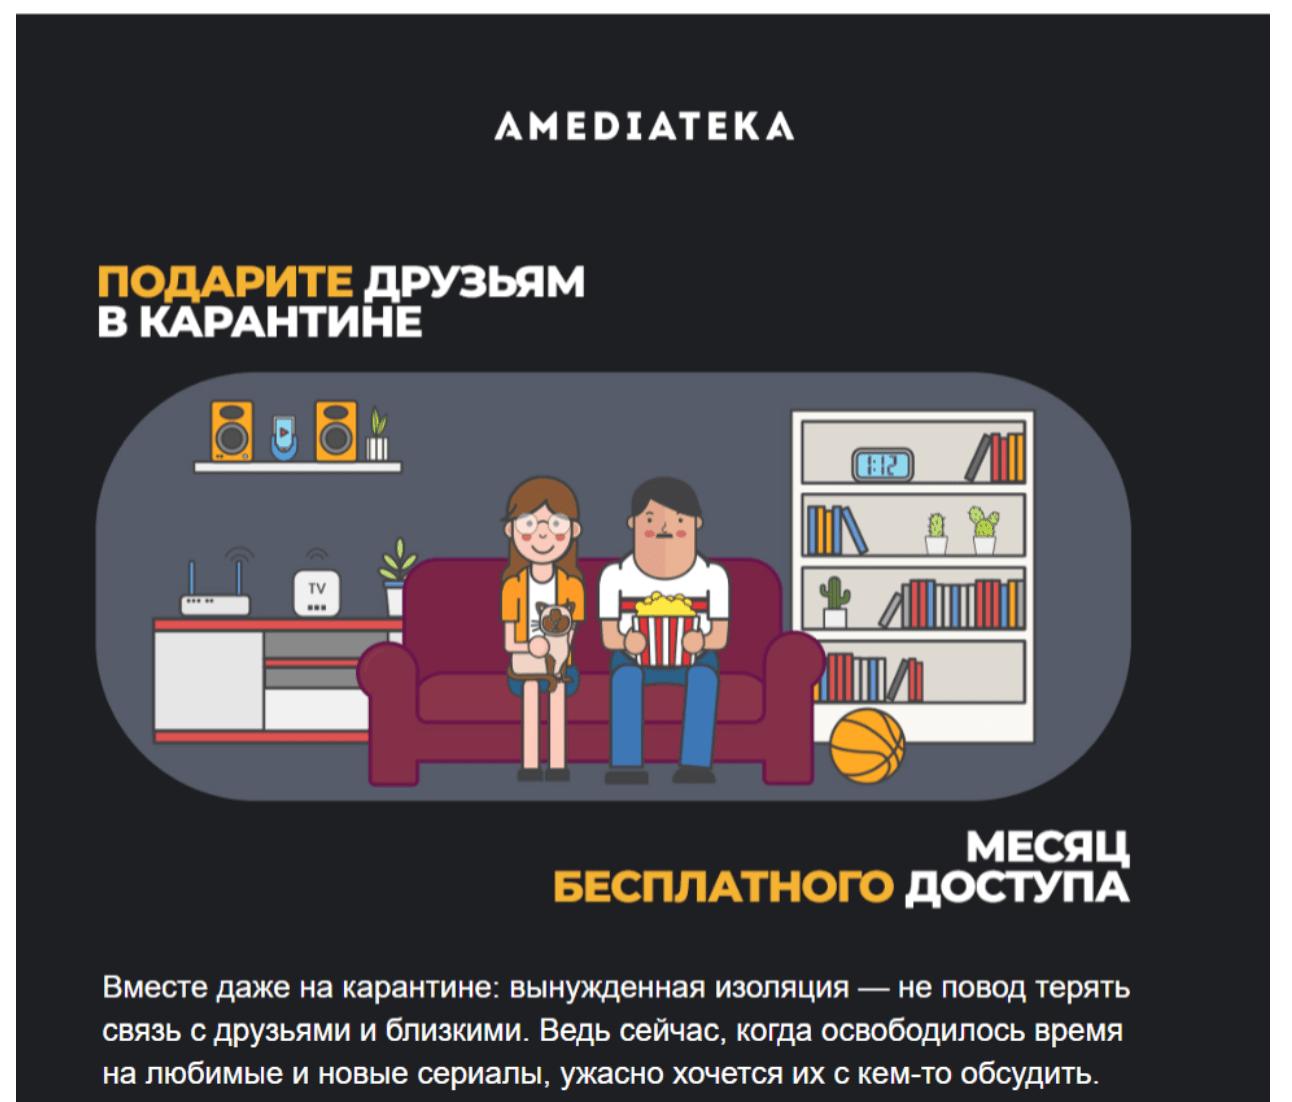 Amediateka адаптировали акцию и предлагают подарить другу на карантине месяц бесплатного доступа. Акция шла и до карантина, ее переделали